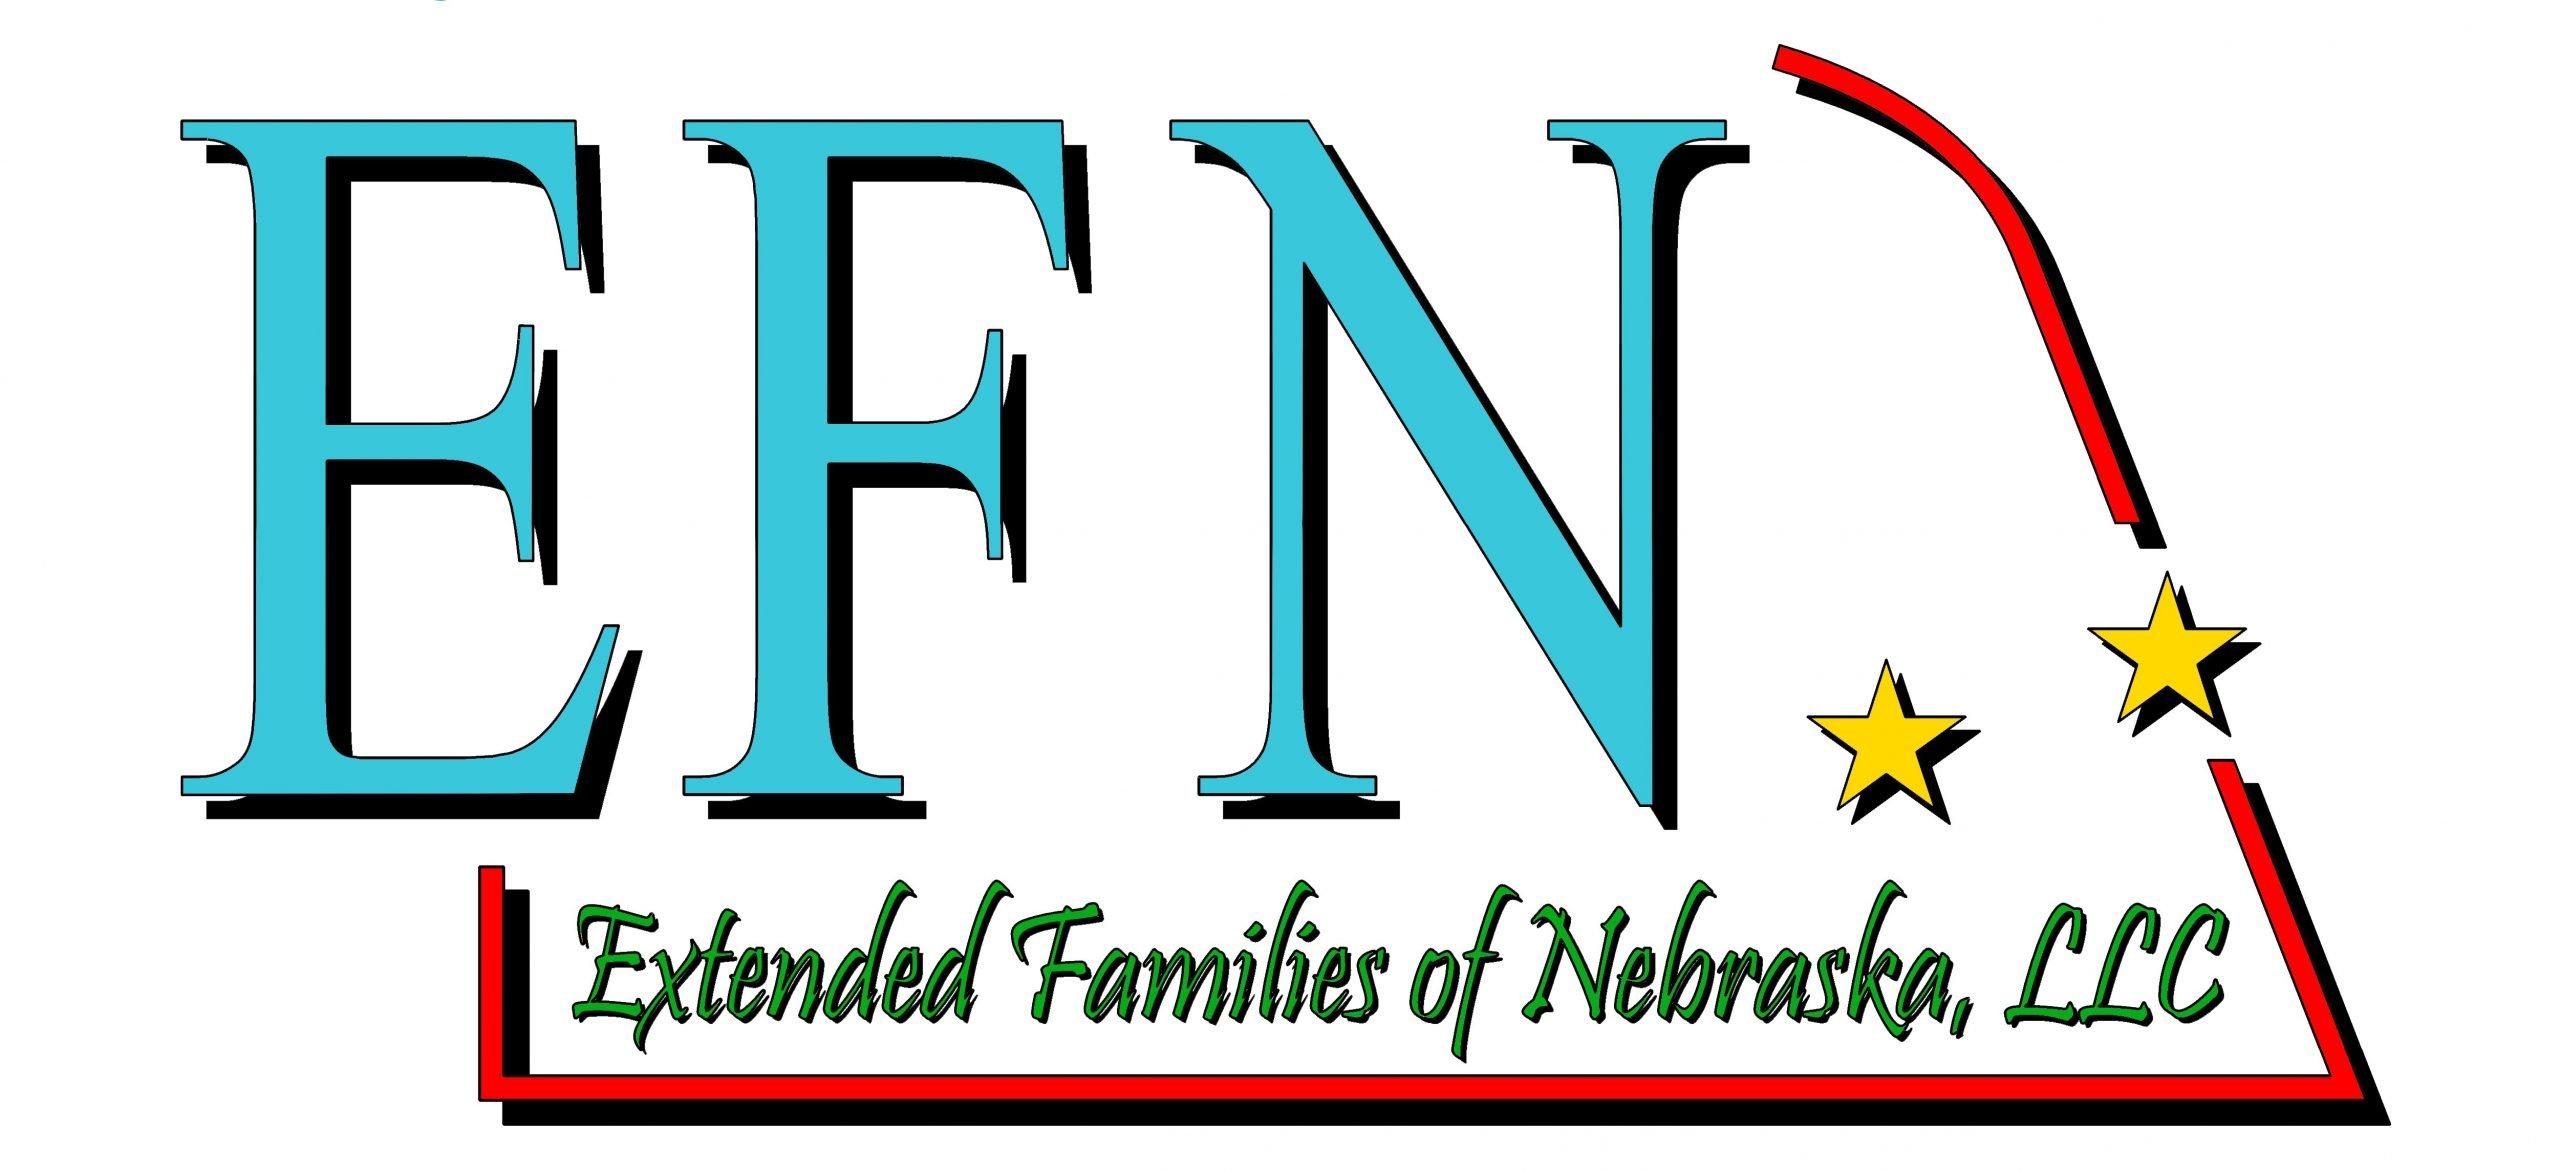 Extended Families of Nebraska, LLC